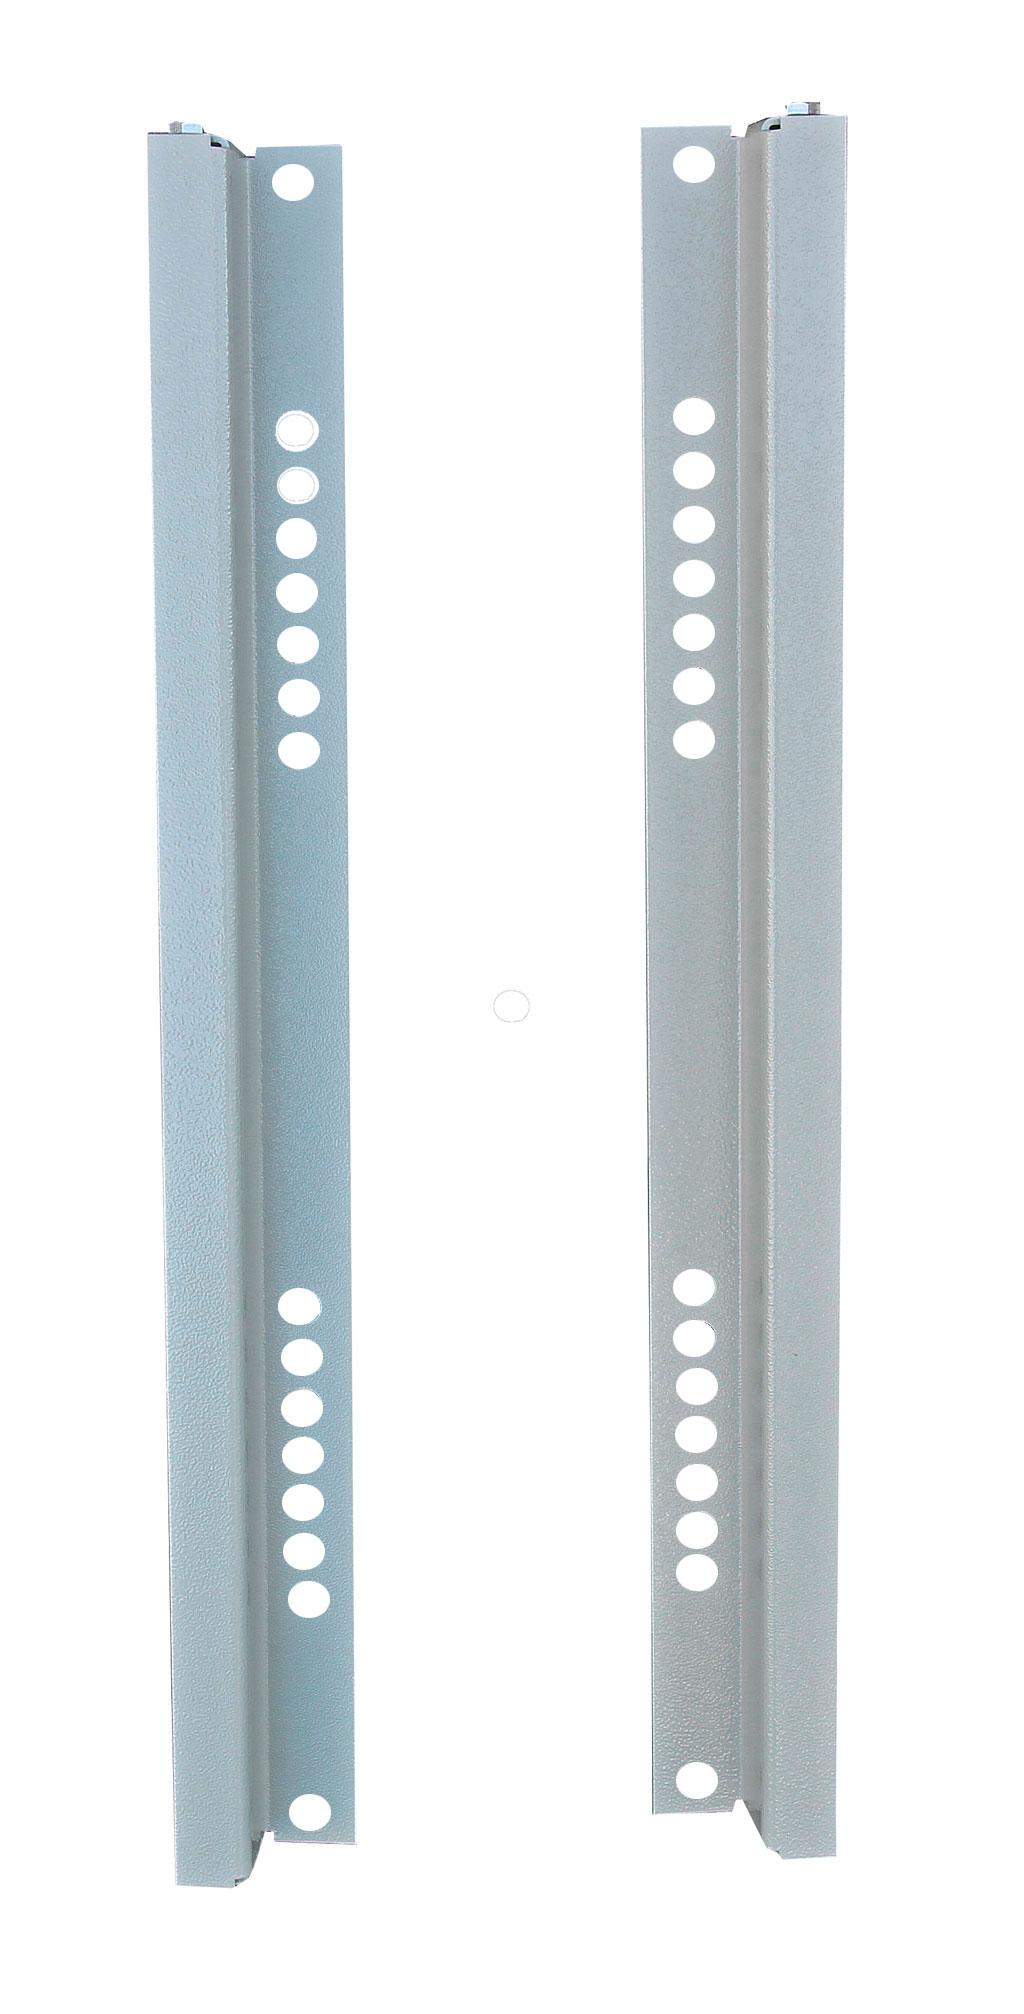 Stolpfaste-till-Dubbelvaggiga-Aluminiumsskap-600mm-breda